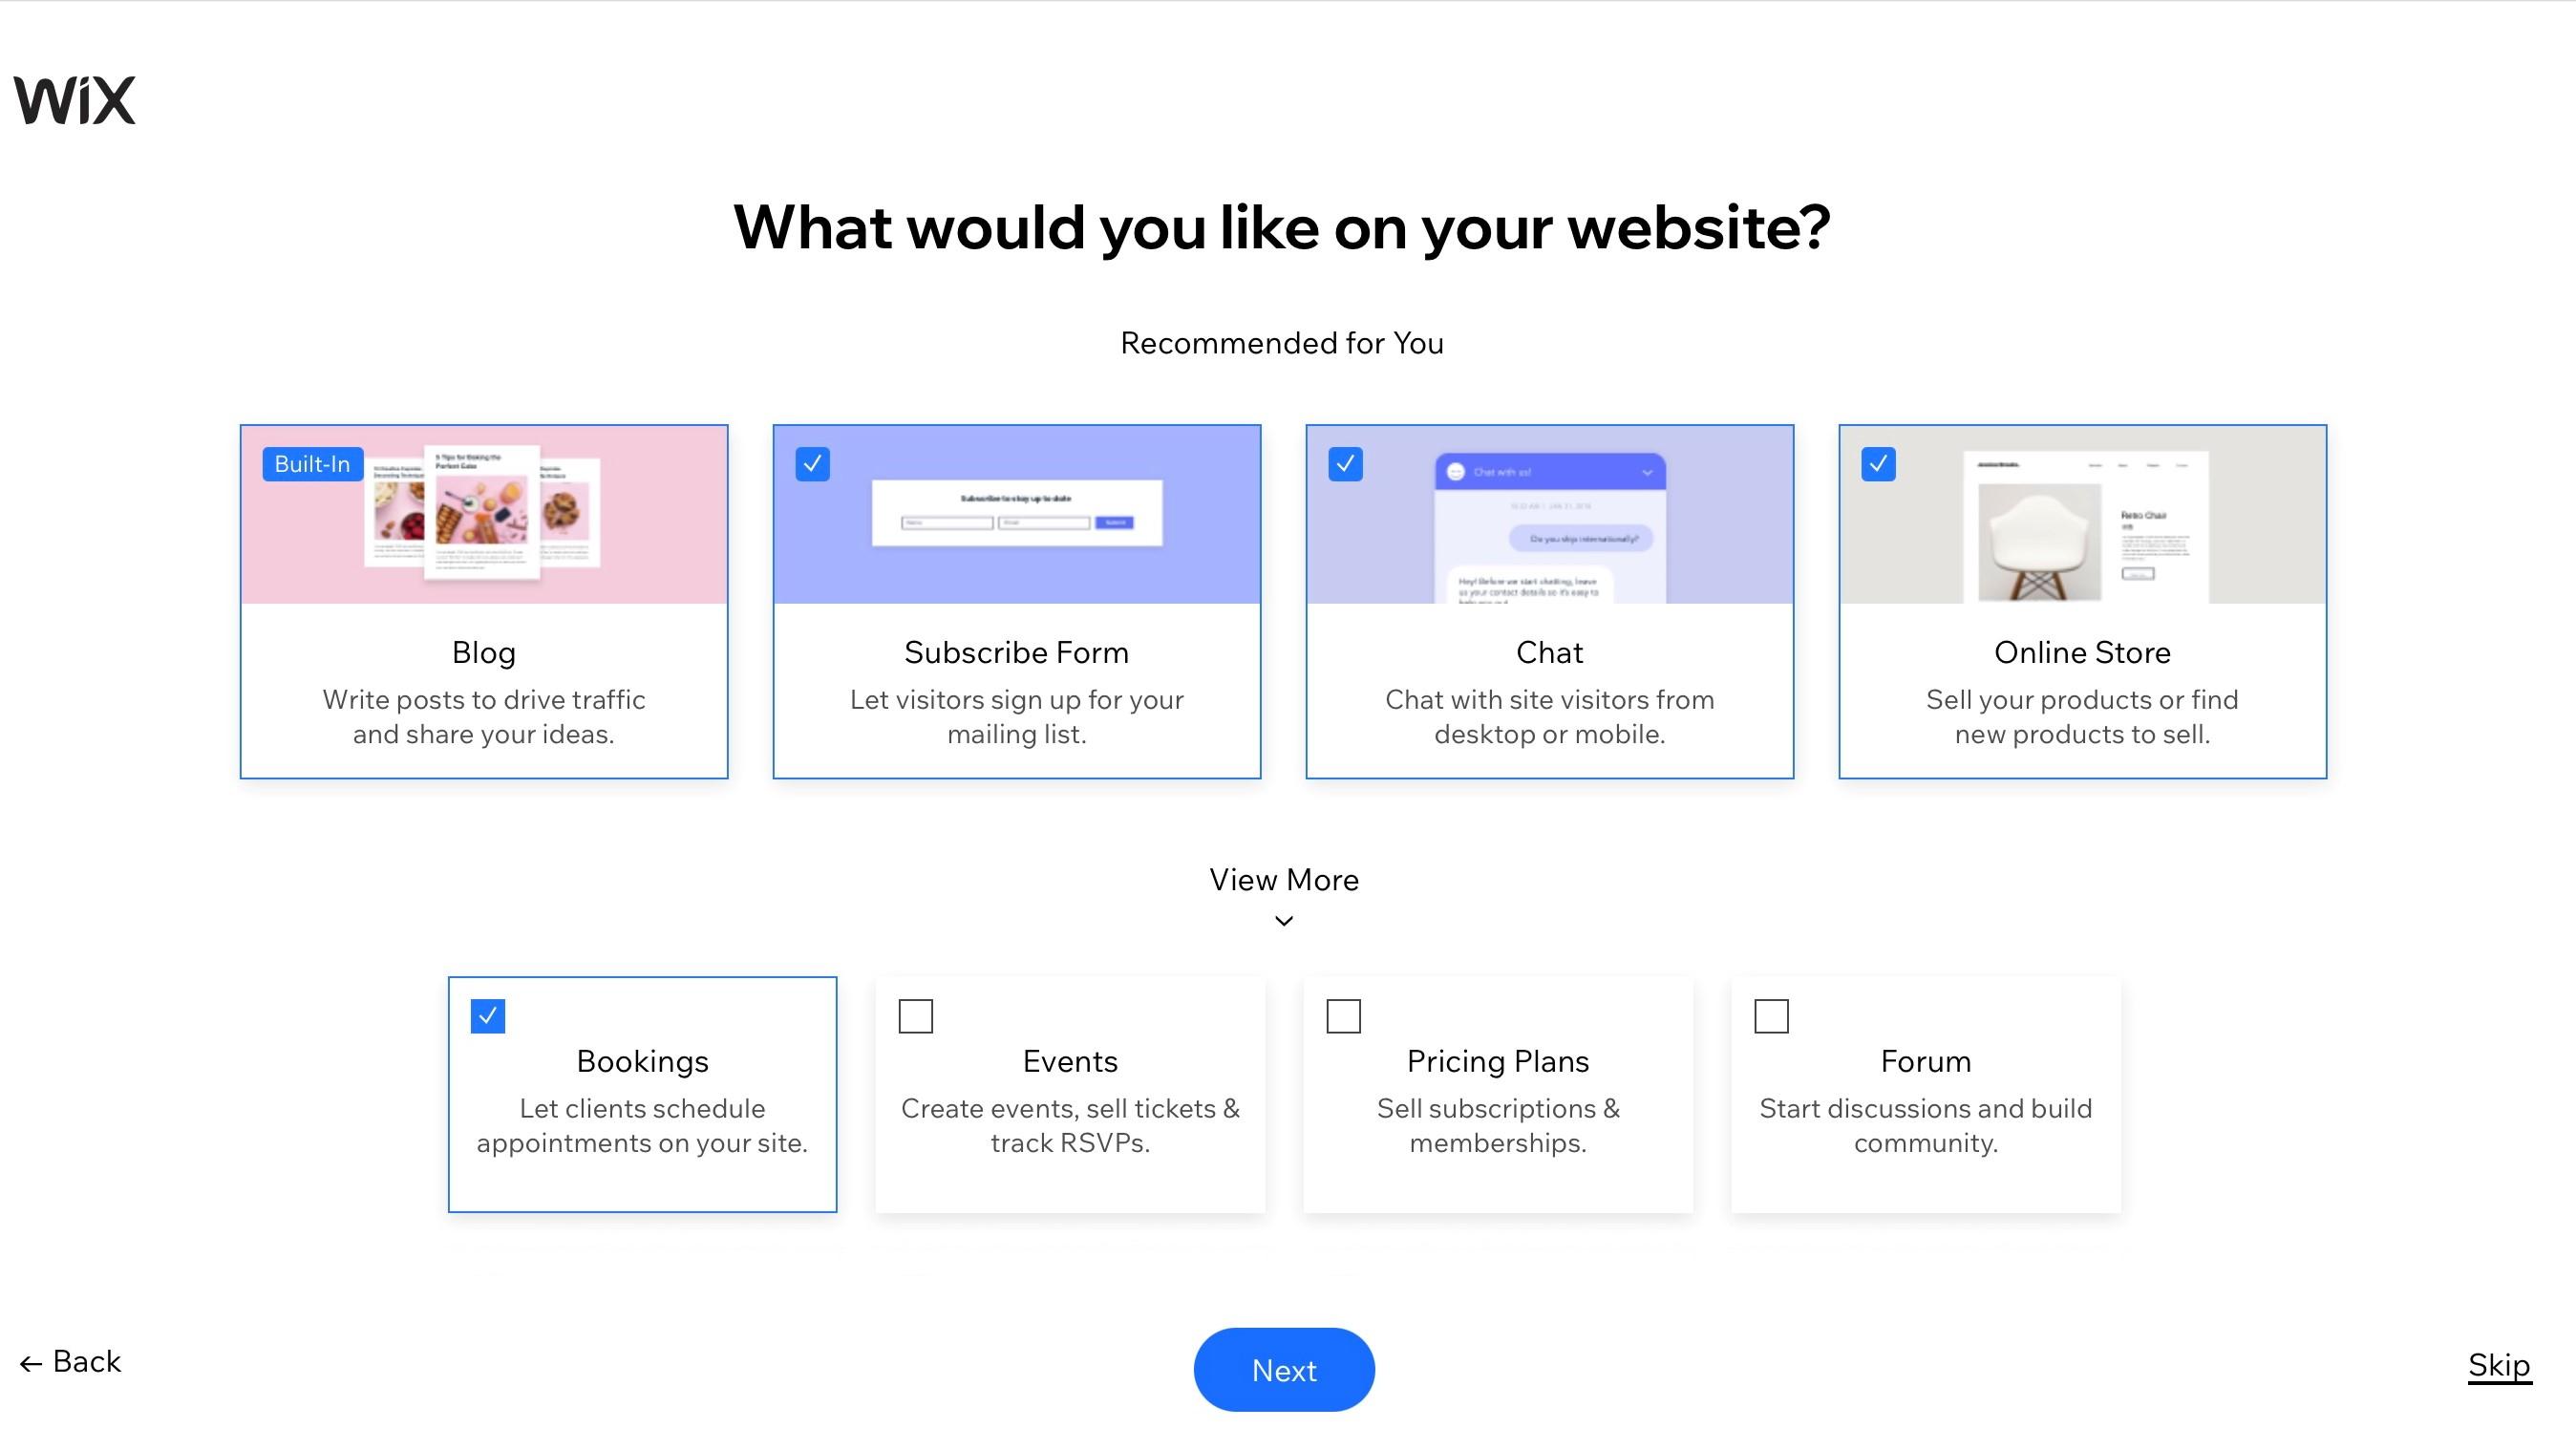 Build a Site